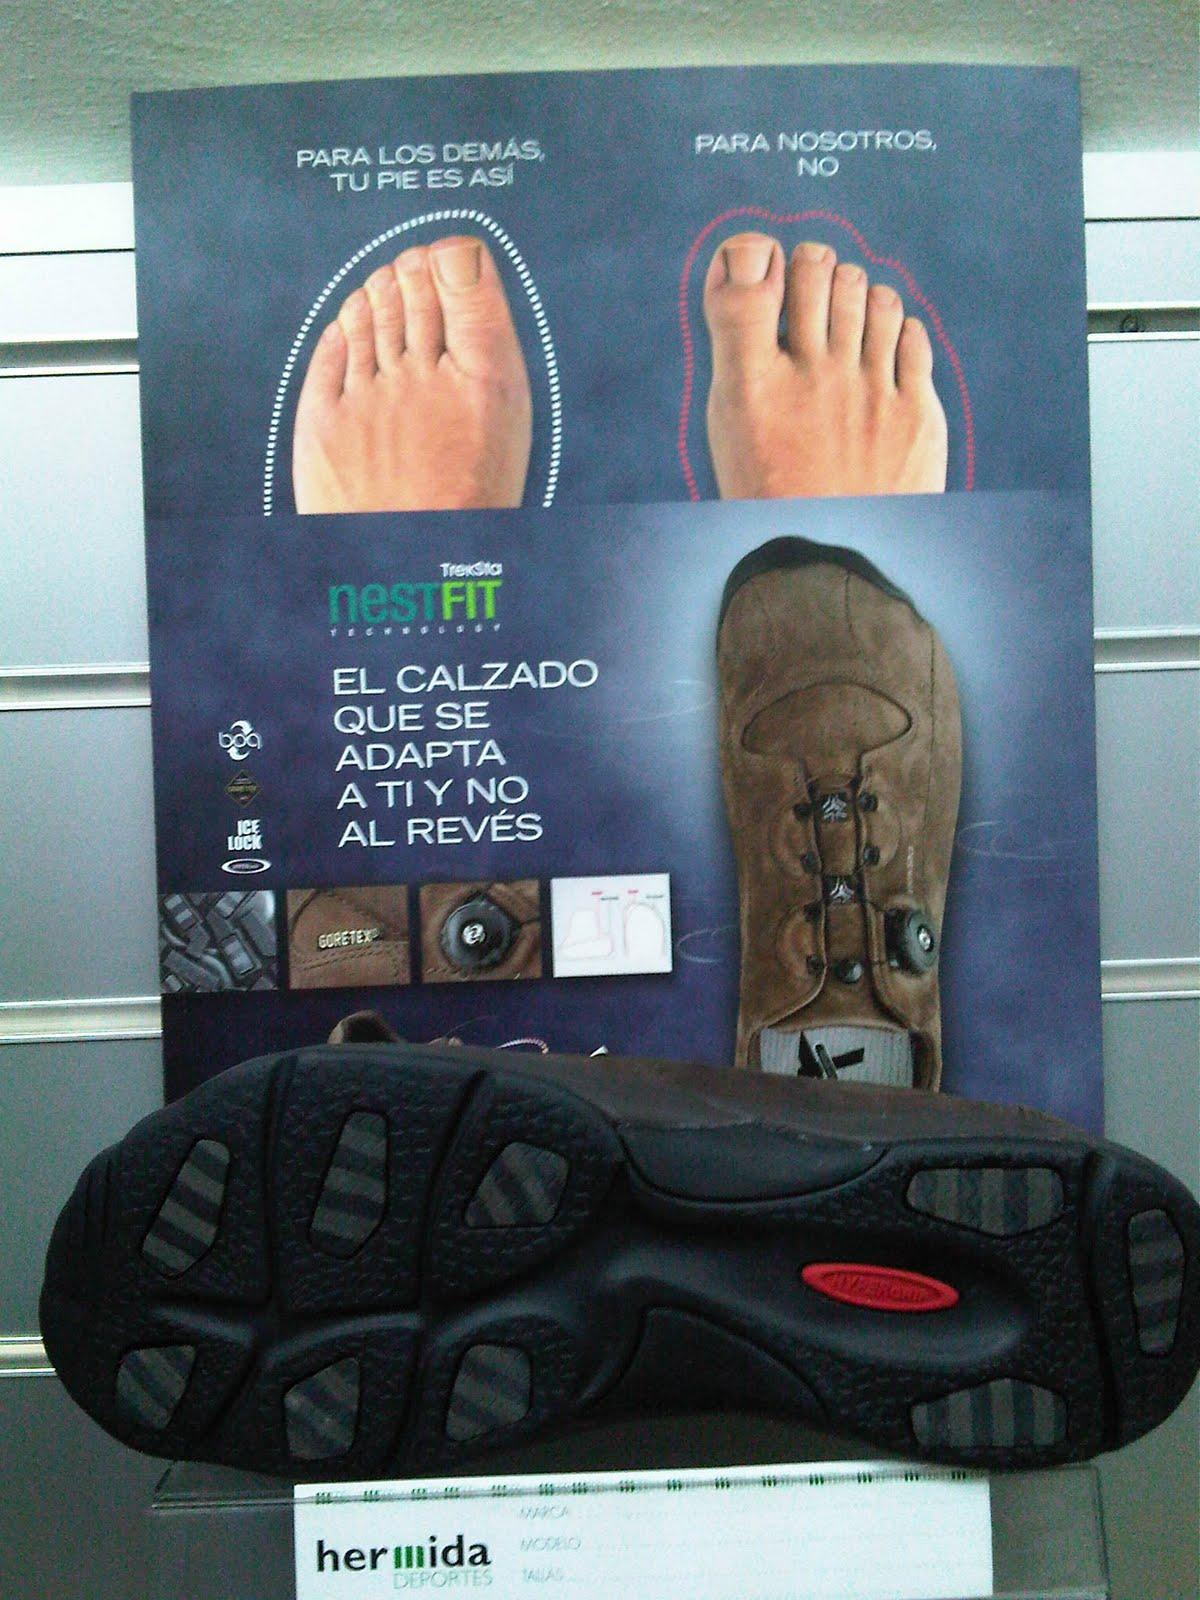 b2f351a34e0 En una línea más de calle pero sin olvidar las características que hacen  especial al calzado de la marca coreana Treksta